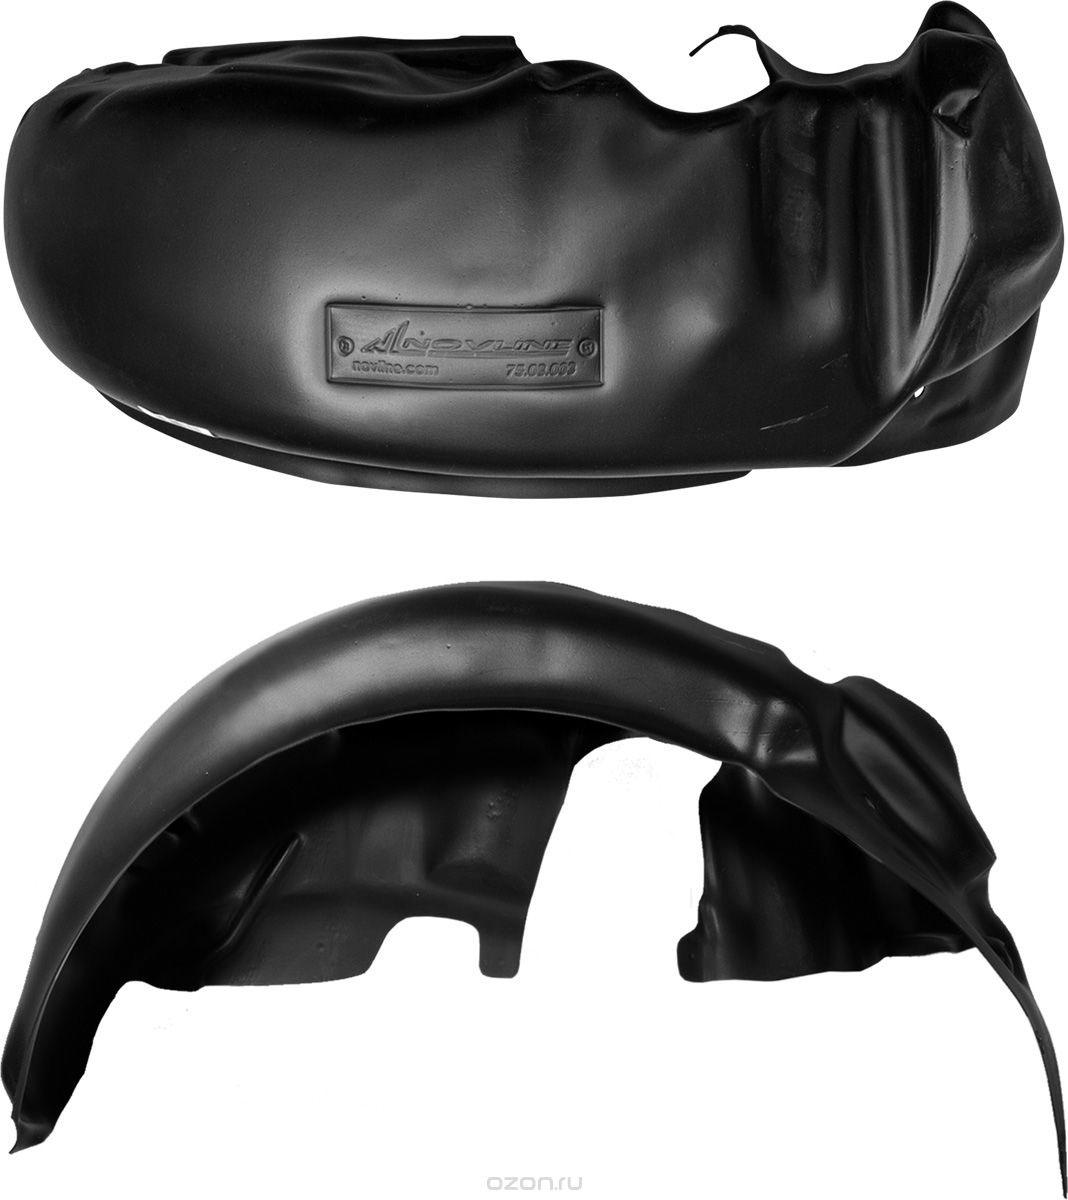 Подкрылок Novline-Autofamily, для Lifan Smily, 2014->, задний левыйNLL.73.07.003Идеальная защита колесной ниши. Локеры разработаны с применением цифровых технологий, гарантируют максимальную повторяемость поверхности арки. Изделия устанавливаются без нарушения лакокрасочного покрытия автомобиля, каждый подкрылок комплектуется крепежом. Уважаемые клиенты, обращаем ваше внимание, что фотографии на подкрылки универсальные и не отражают реальную форму изделия. При этом само изделие идет точно под размер указанного автомобиля.